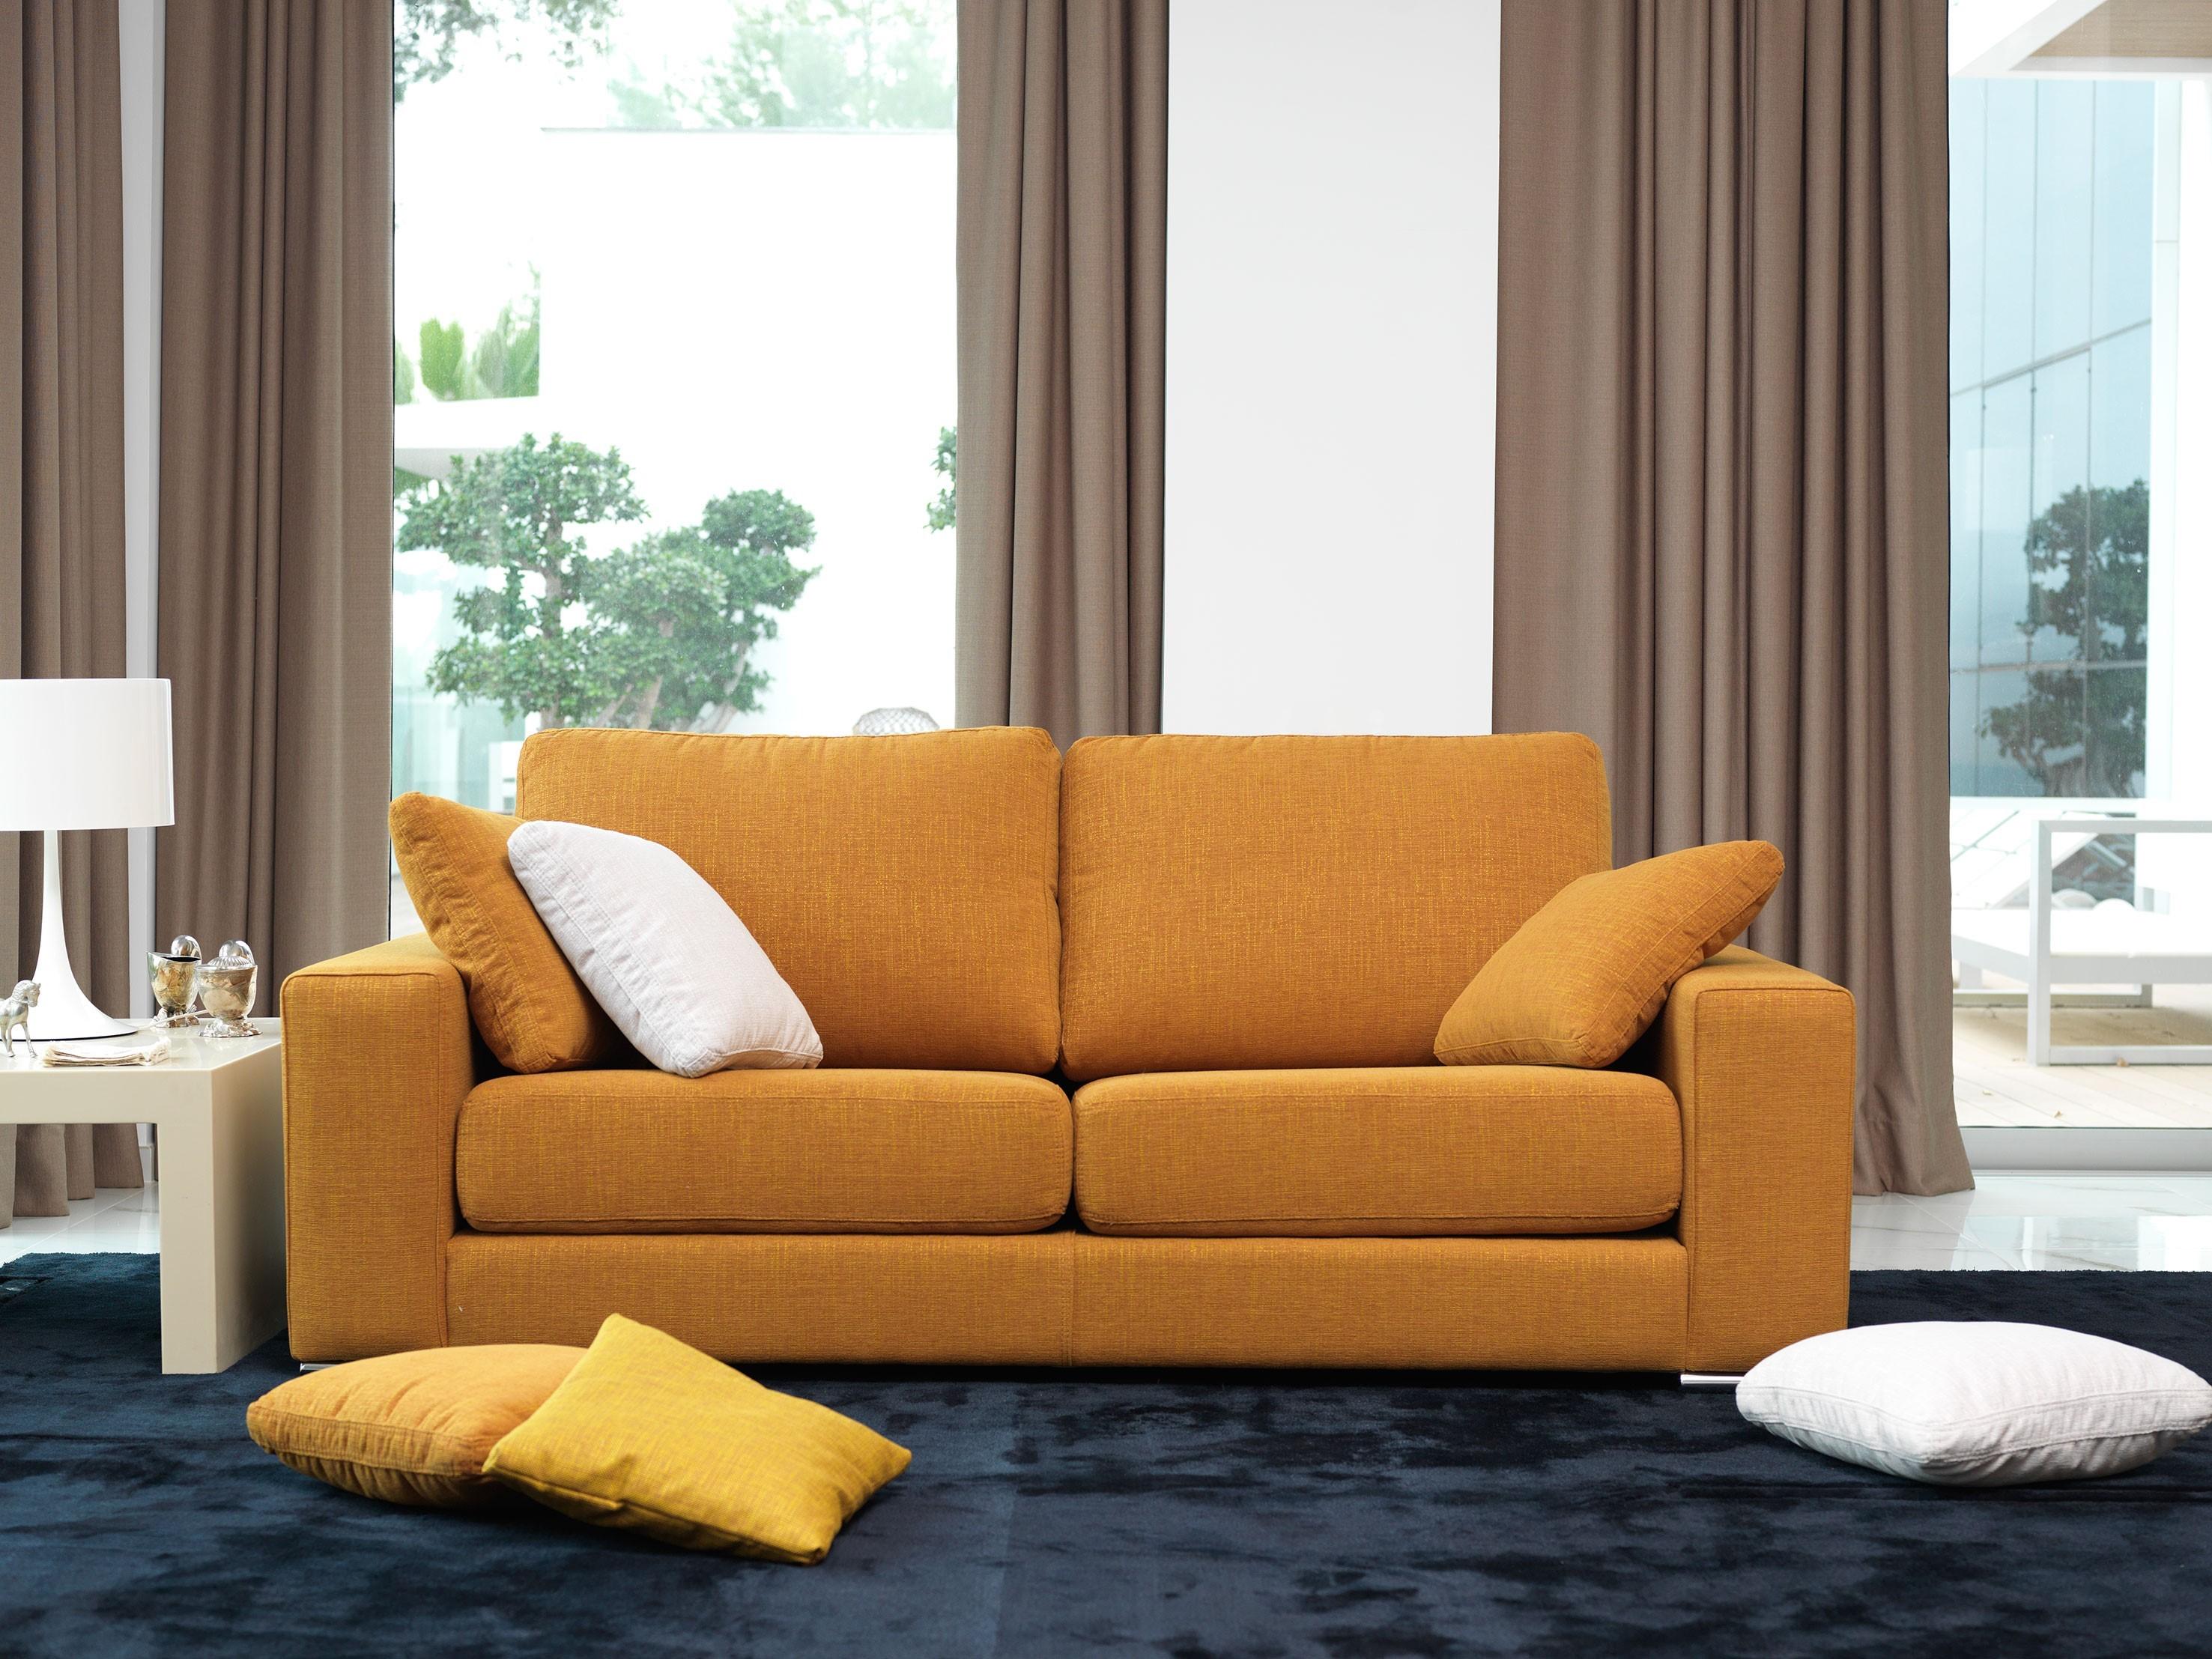 Sof comprar sof decoraci n sof s - Tejidos para sofas ...